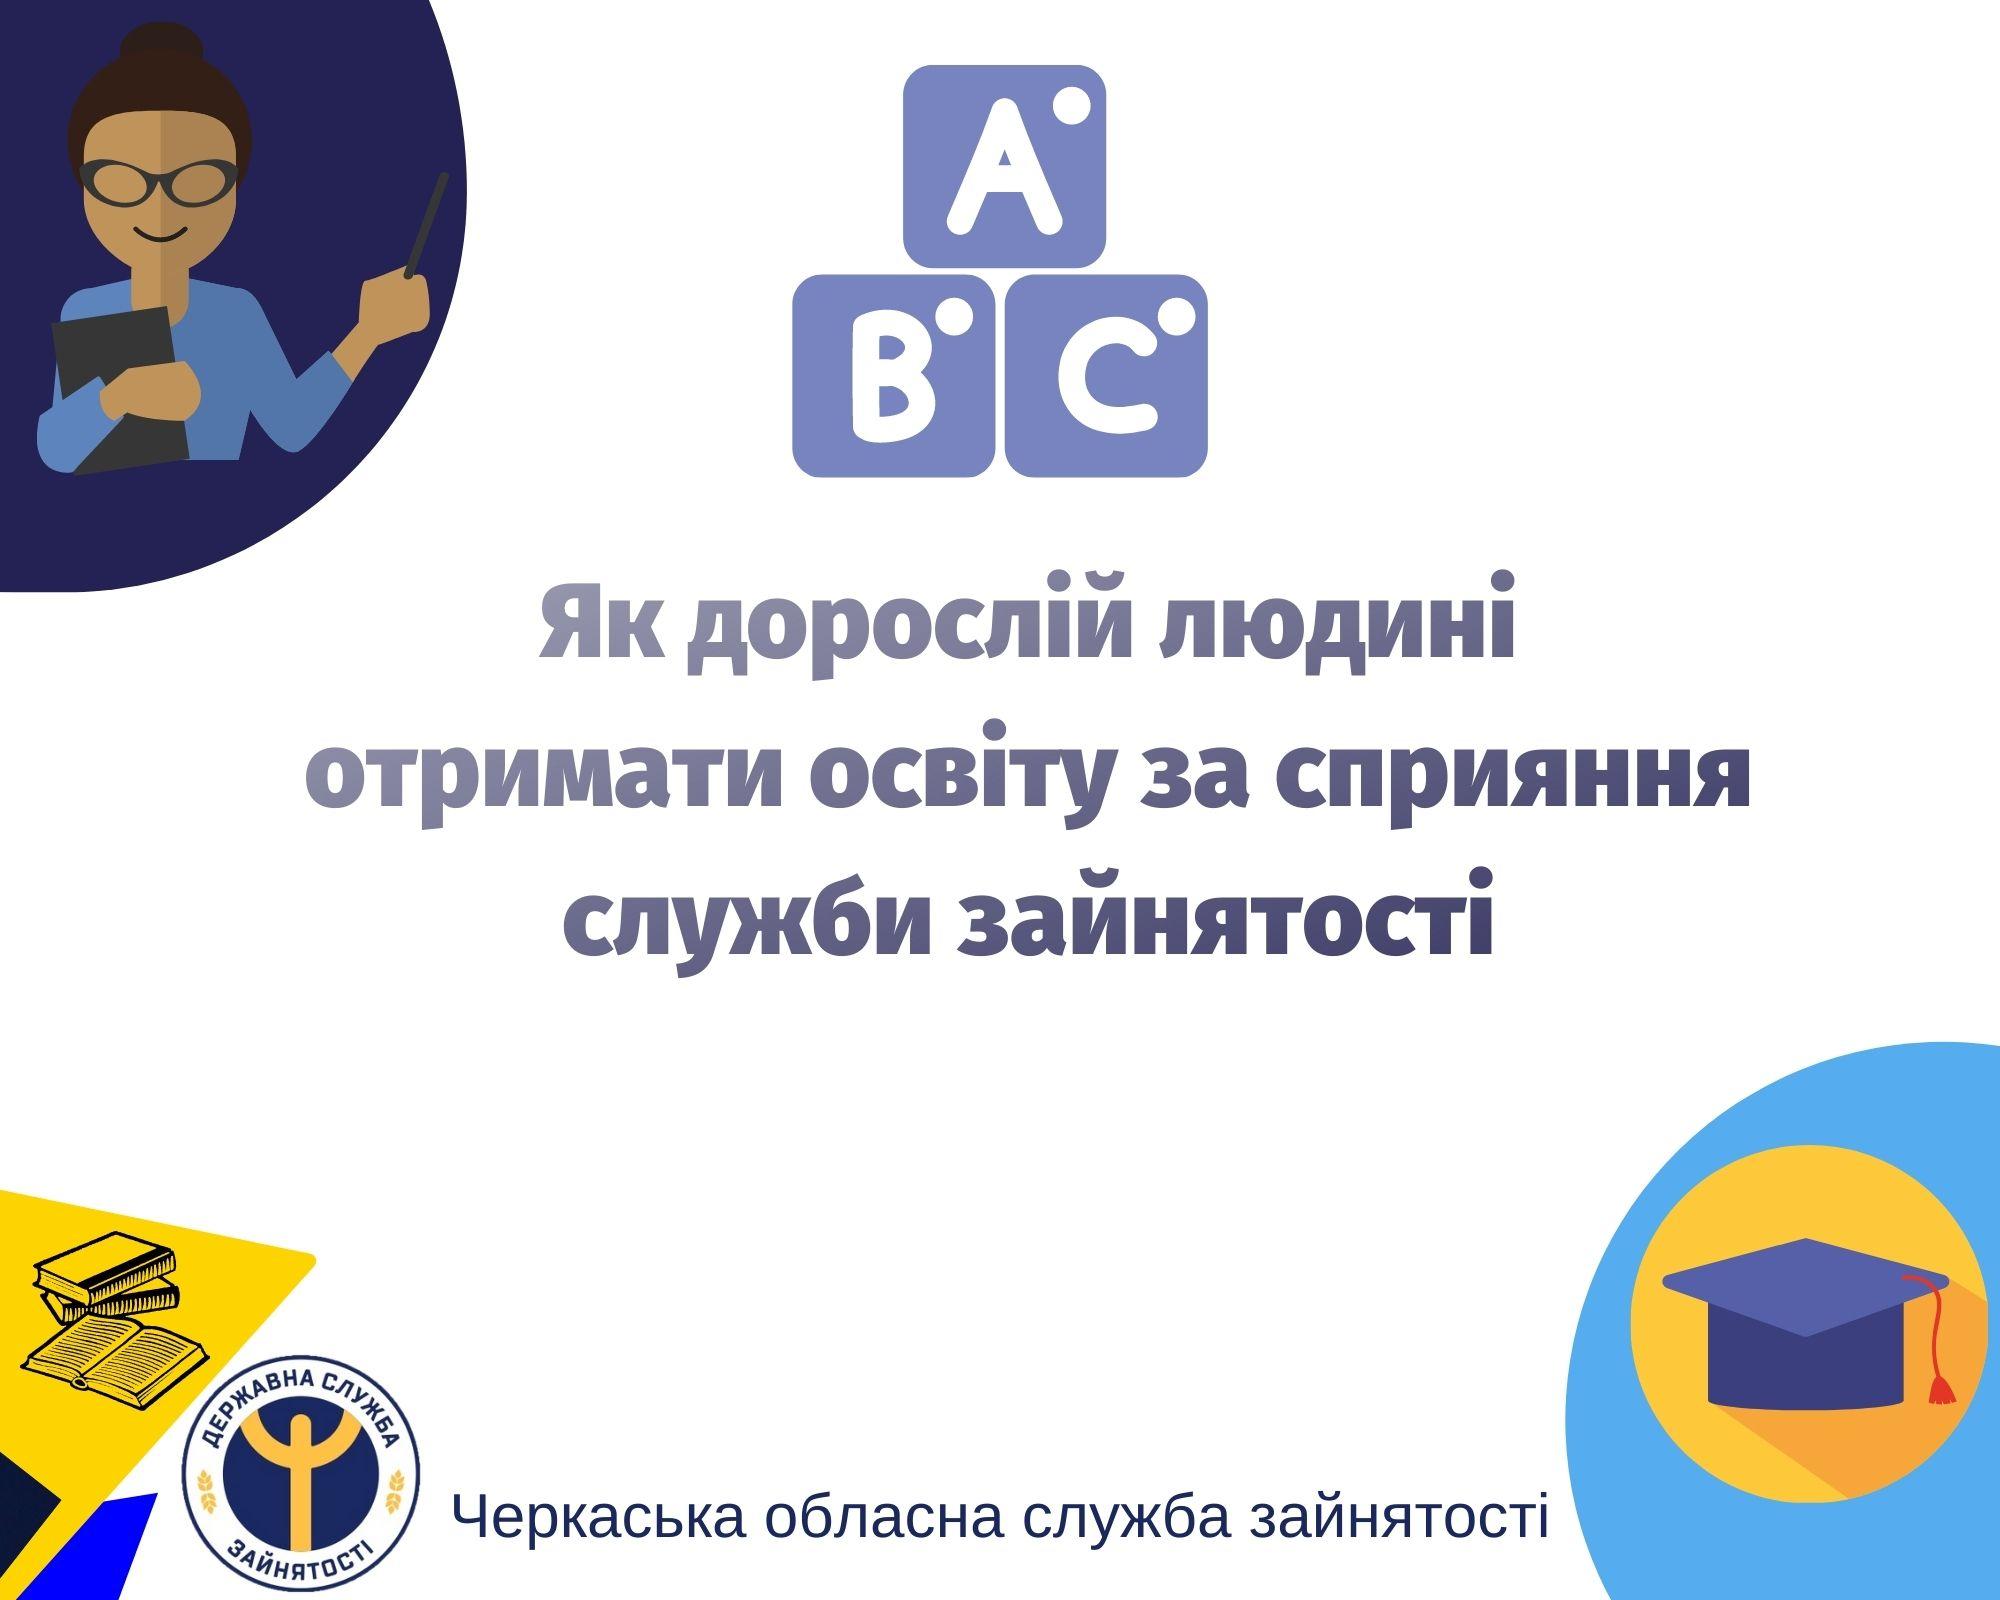 Як дорослій людині отримати освіту за сприяння служби зайнятості